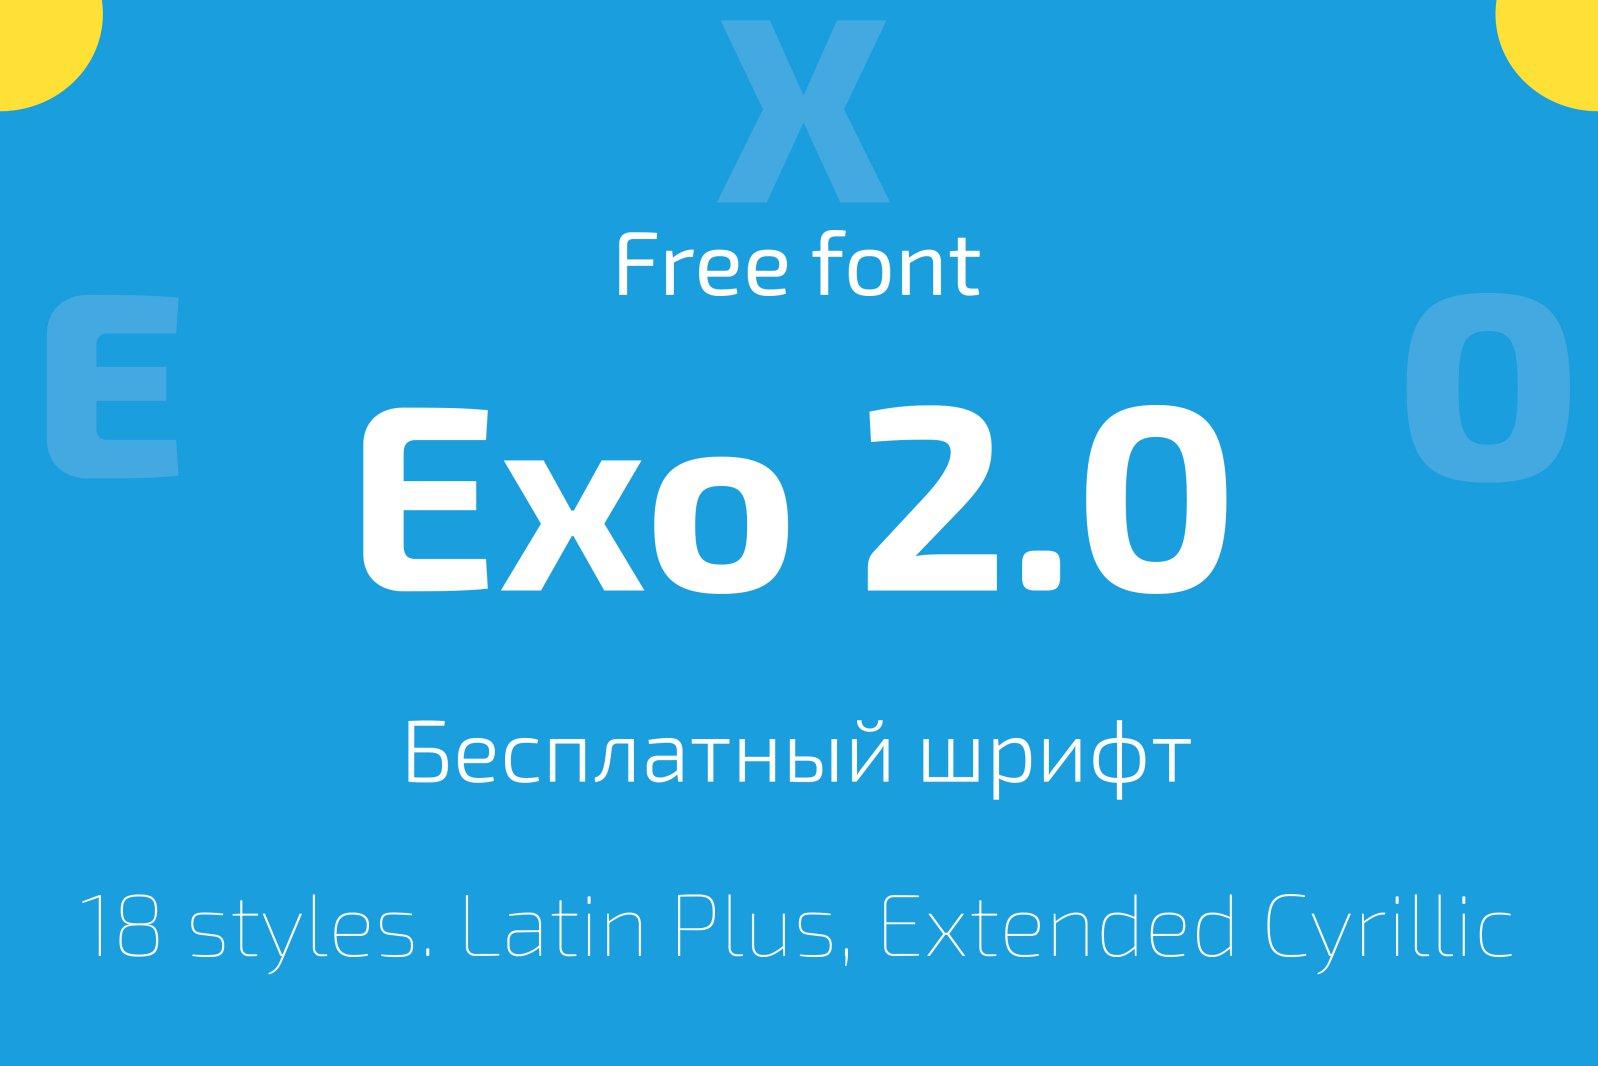 Шрифт font Exo 2.0 скачать